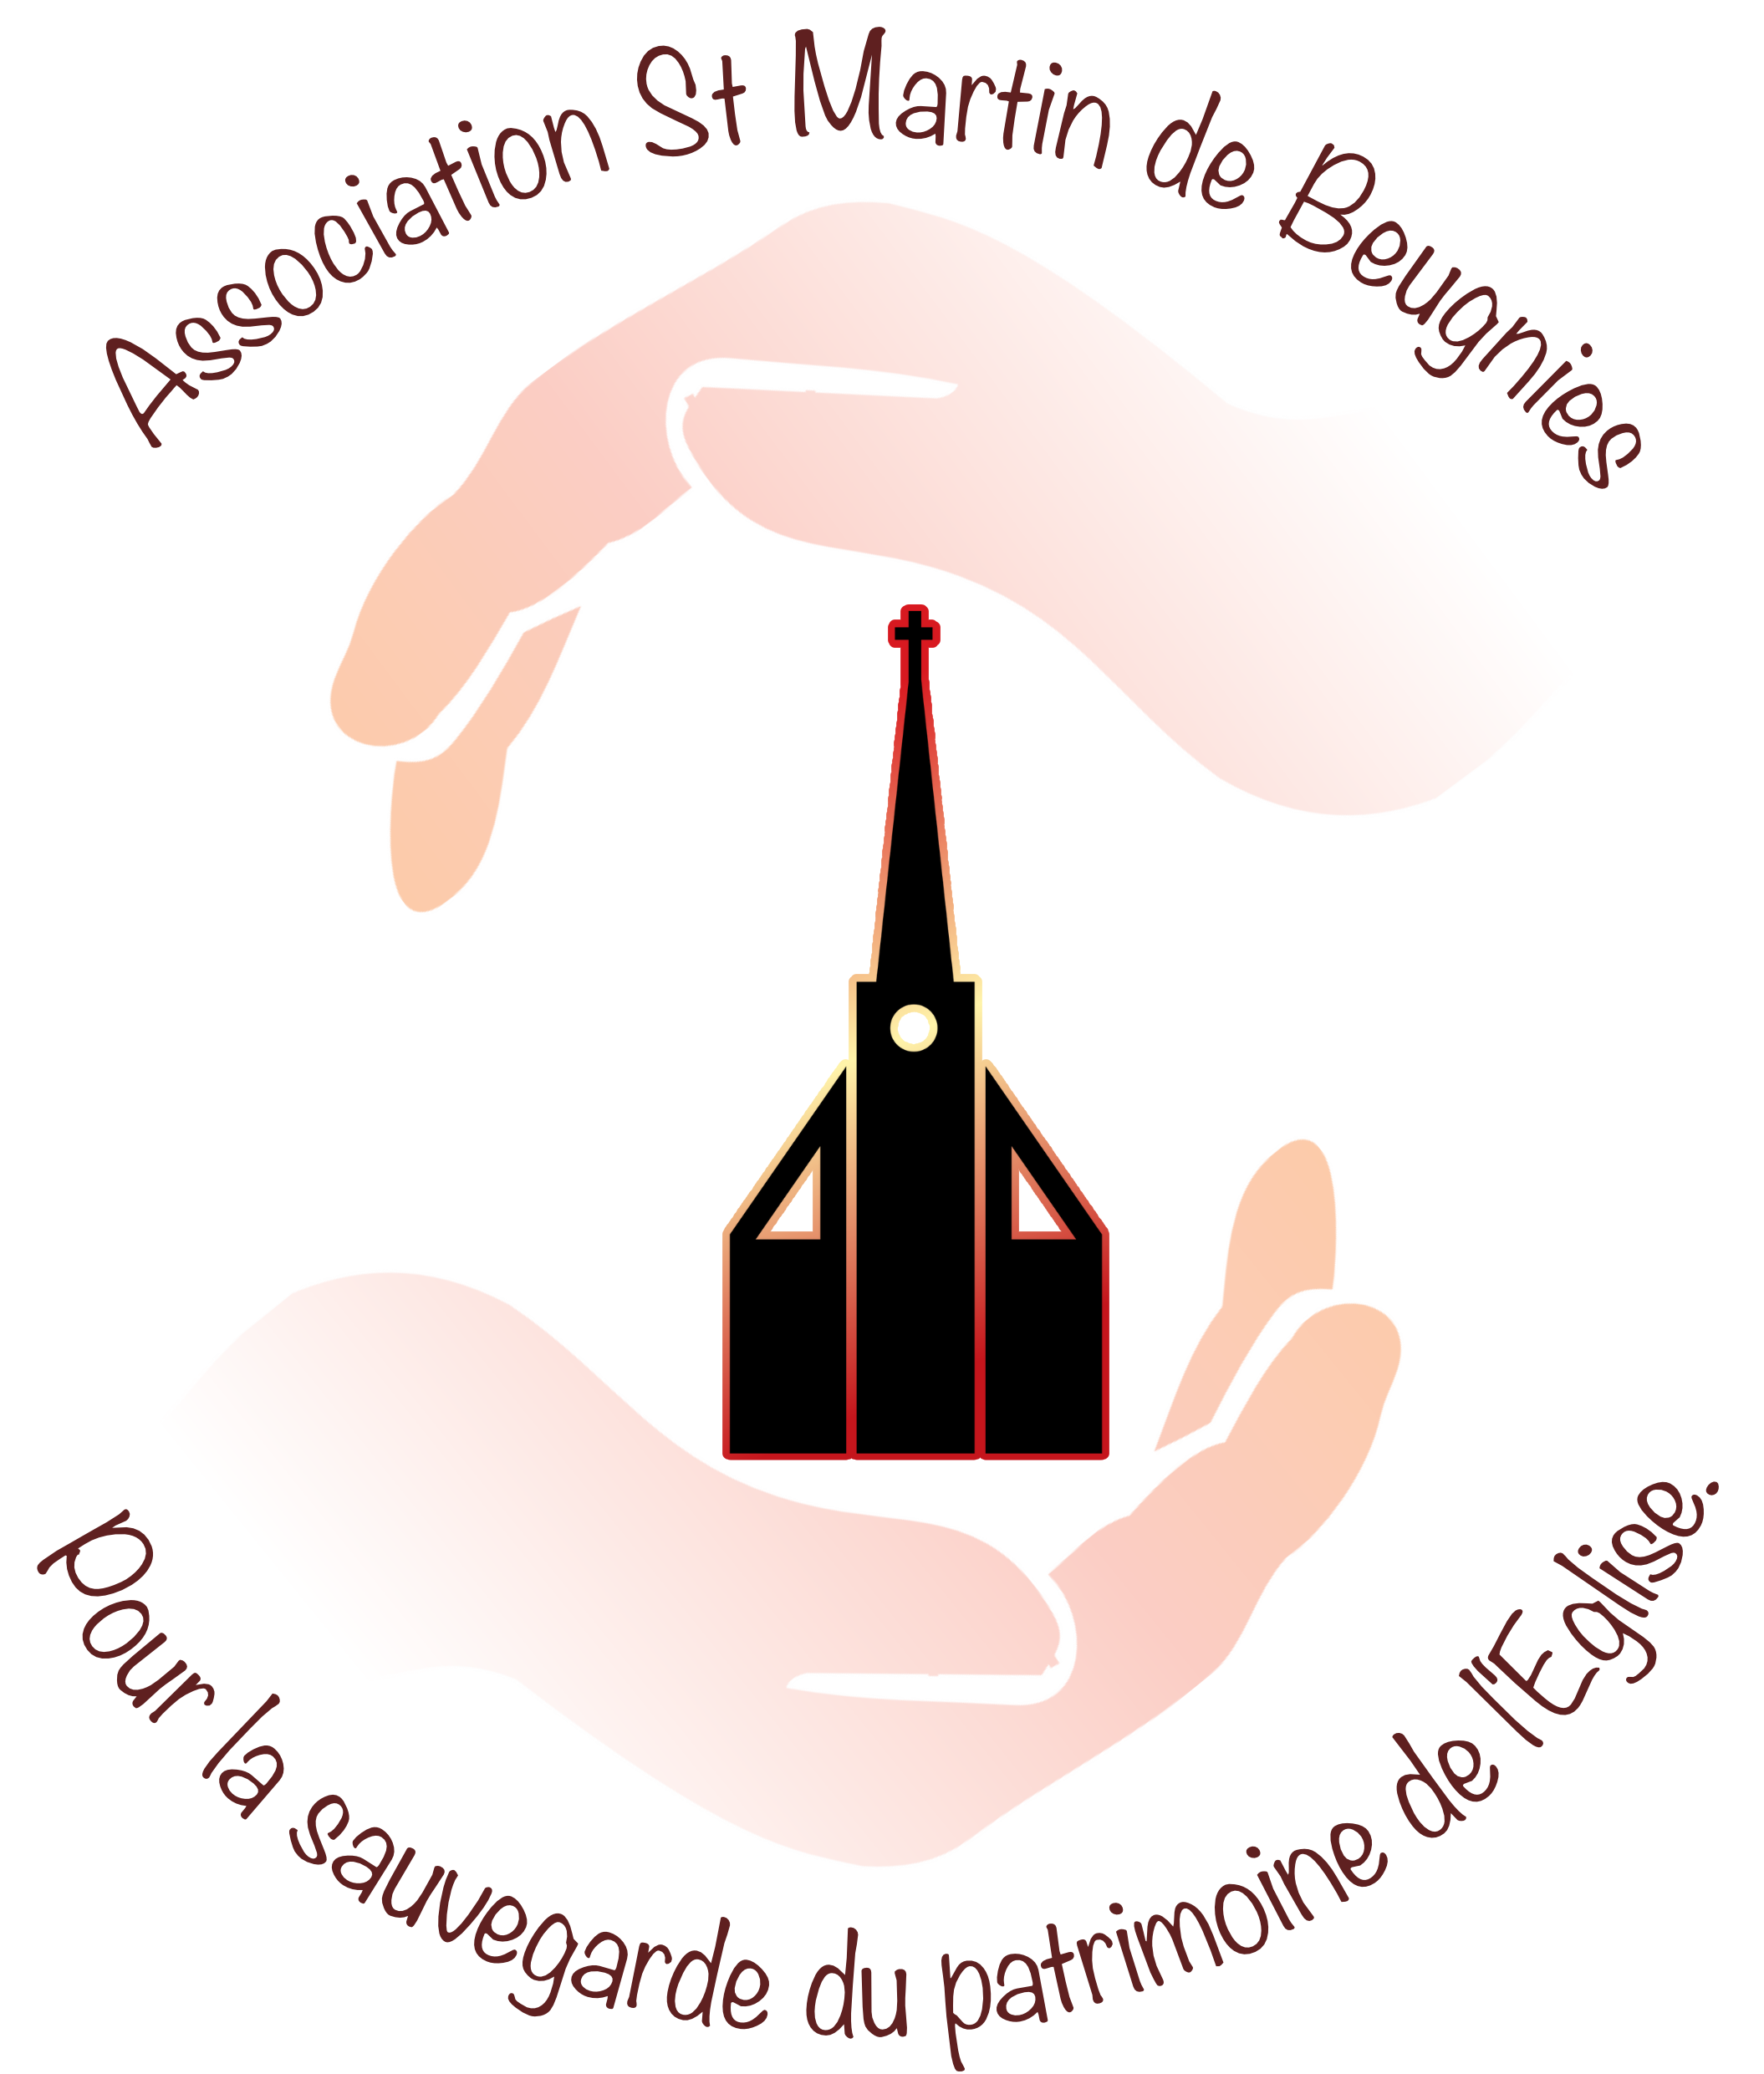 Association St Martin de Beugnies